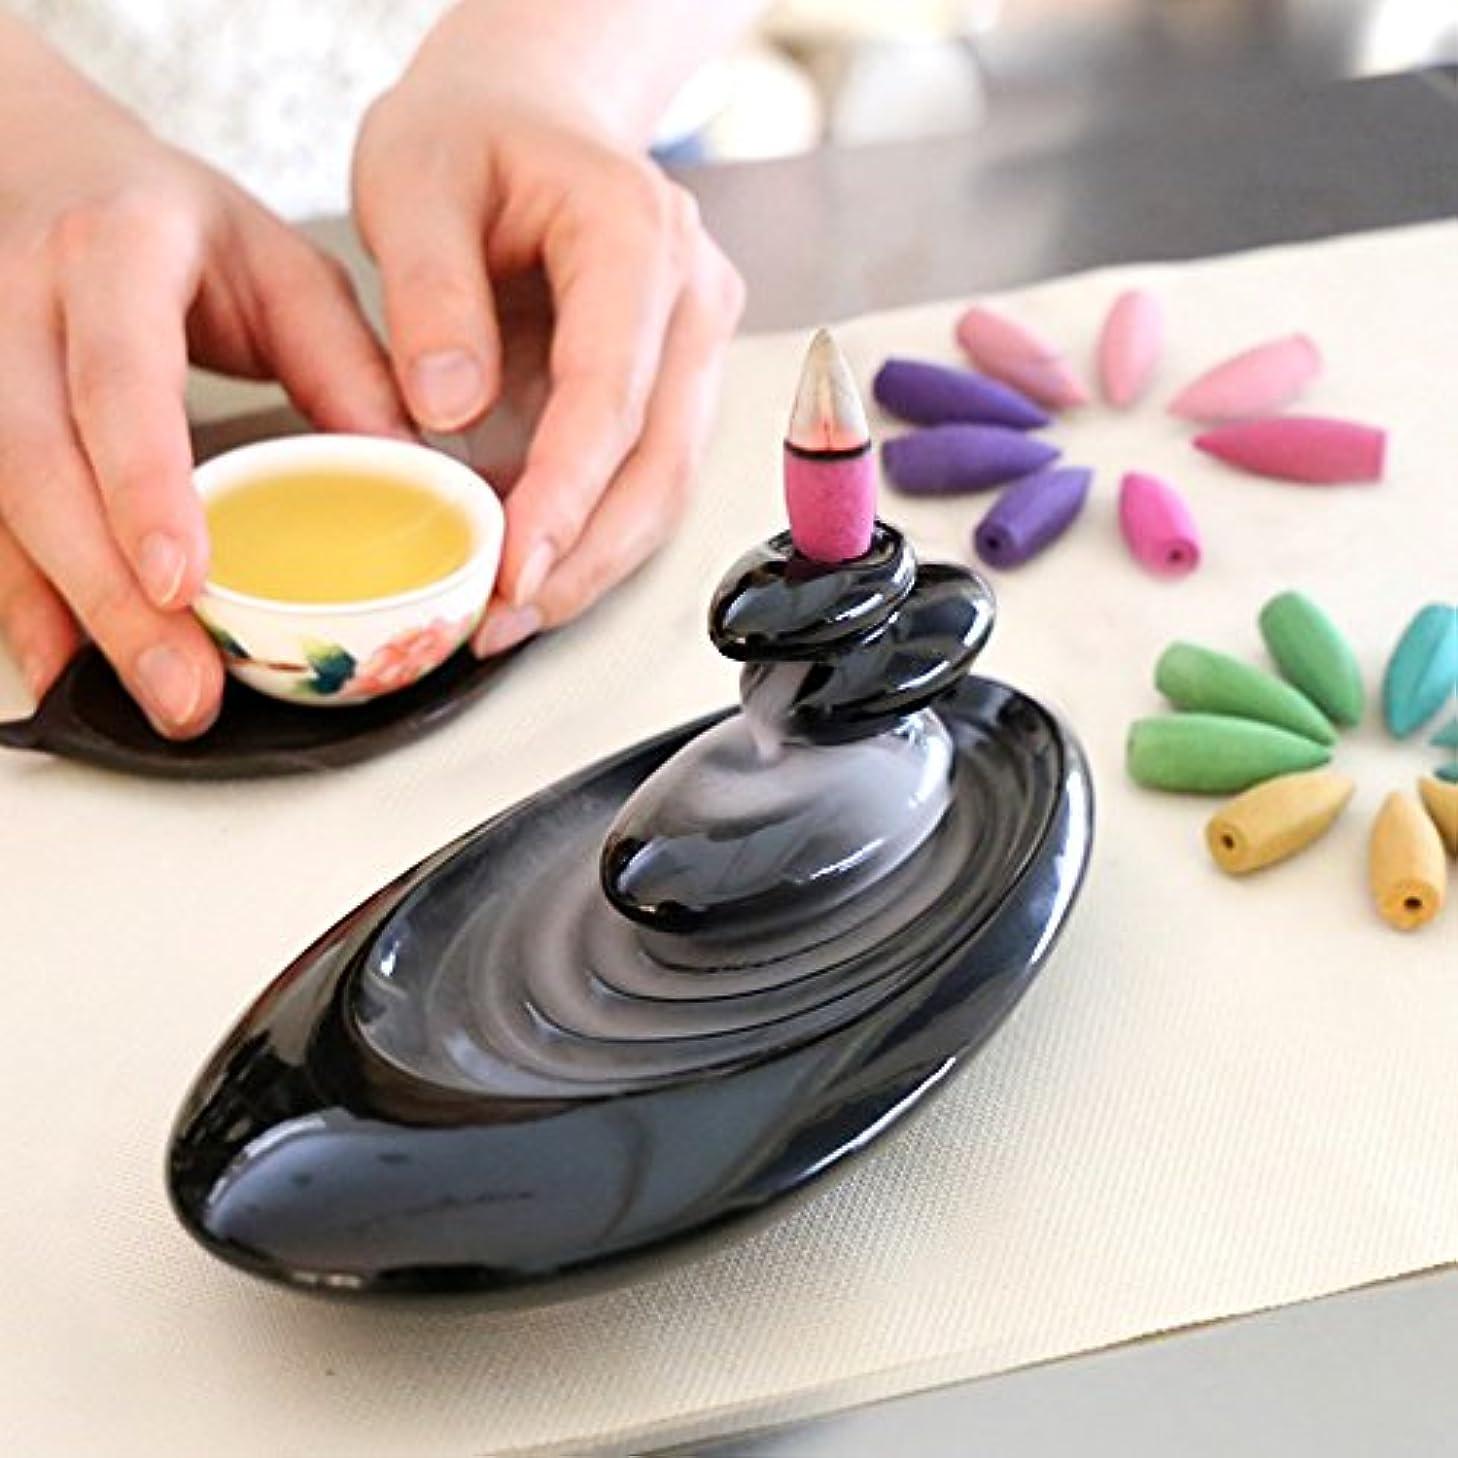 再編成する単に佐賀誕生日 プレゼント アロマインセンス 6種の香り の アロマ香炉 BOX 逆流香 (誕生日カード)